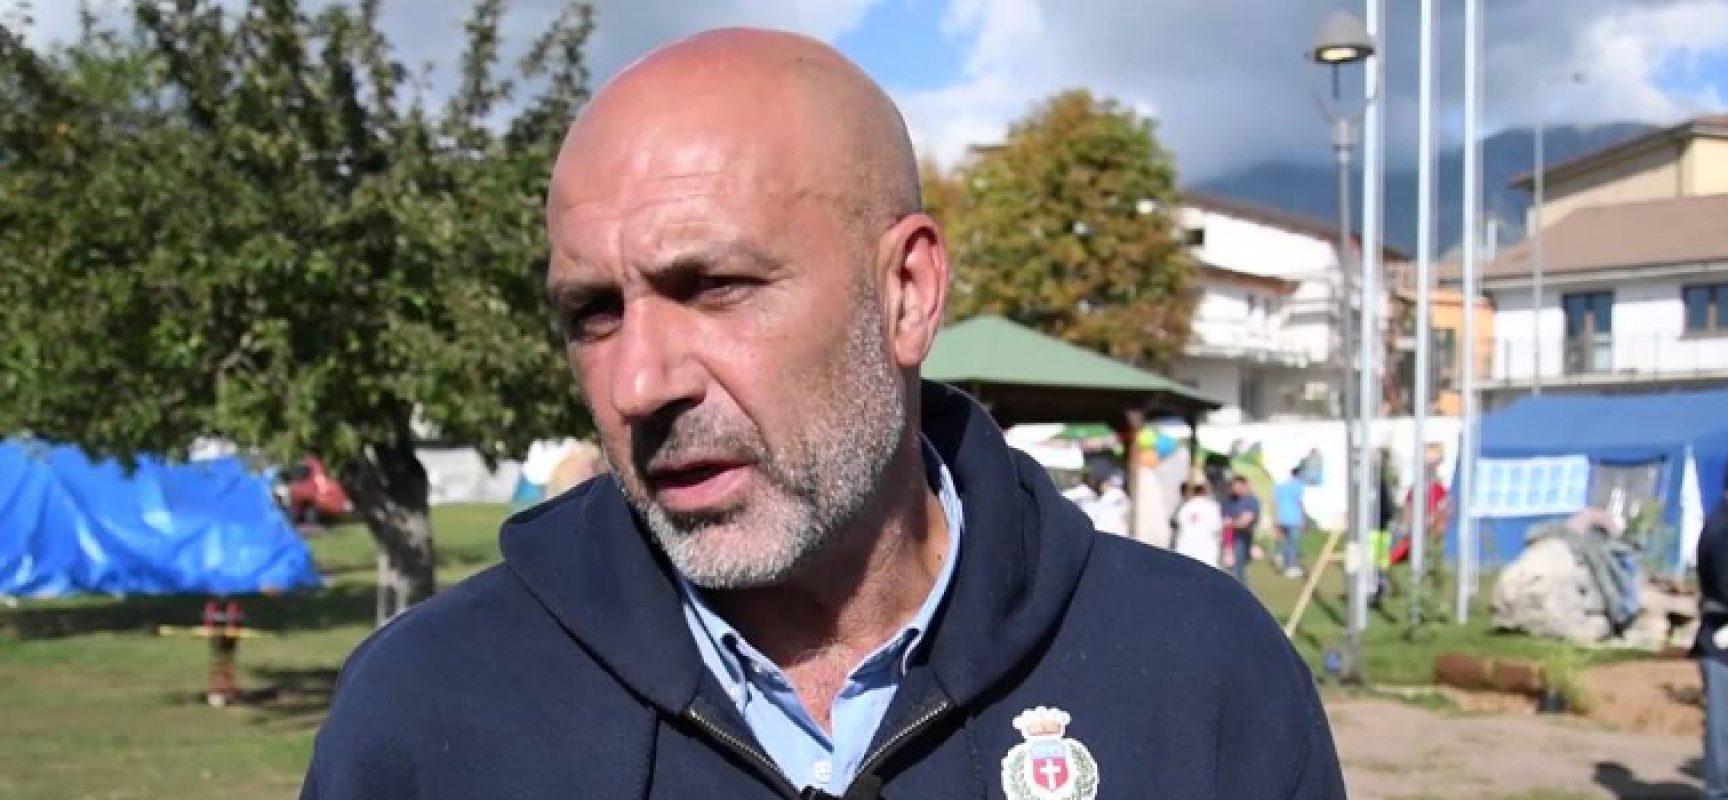 Raccolta fondi terremoto, sindaco di Amatrice ringrazia la Compagnia dei Teatranti di Bisceglie